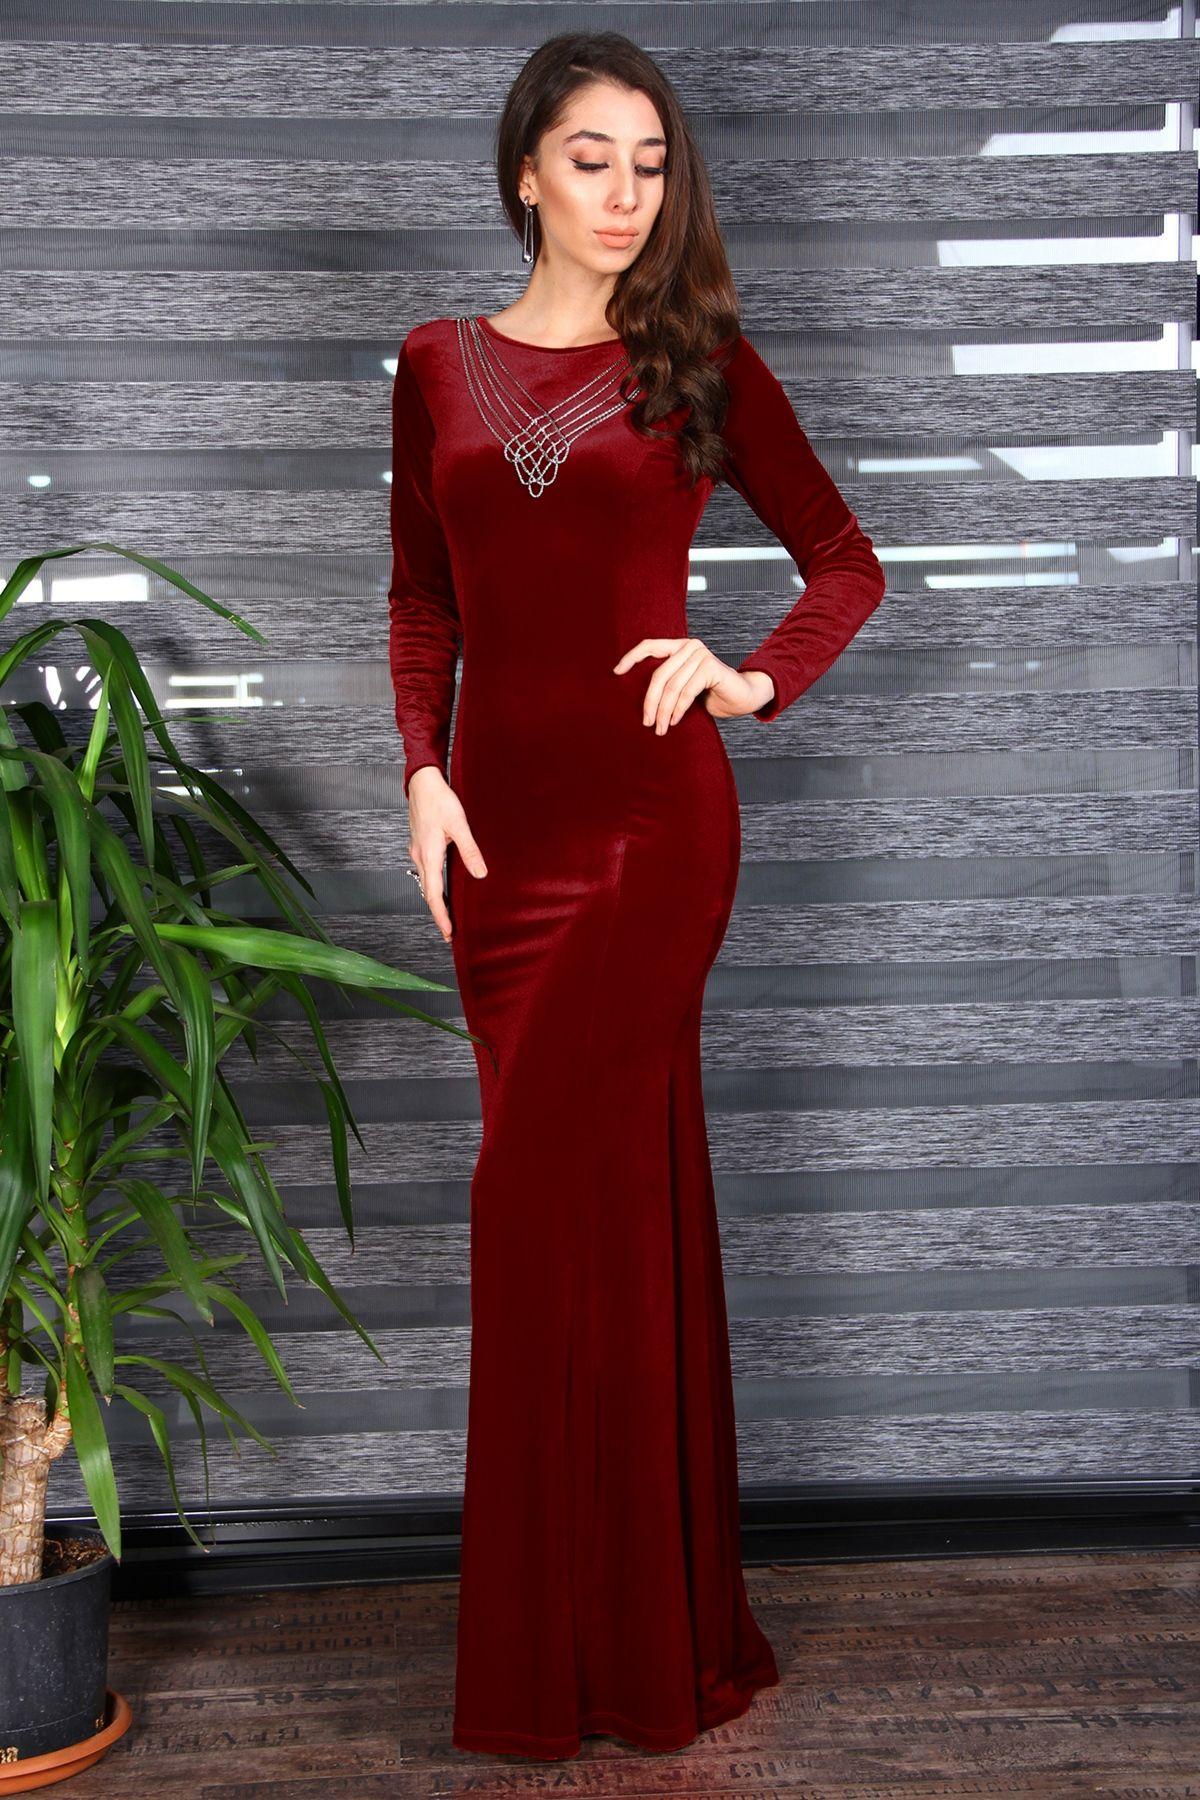 En Sik Patirti Com Tesettur Abiye Elbise Modelleri Https Www Tesetturelbisesi Com En Sik Patirti Com Tesettur Abiye El Dresses Fashion Dresses With Sleeves